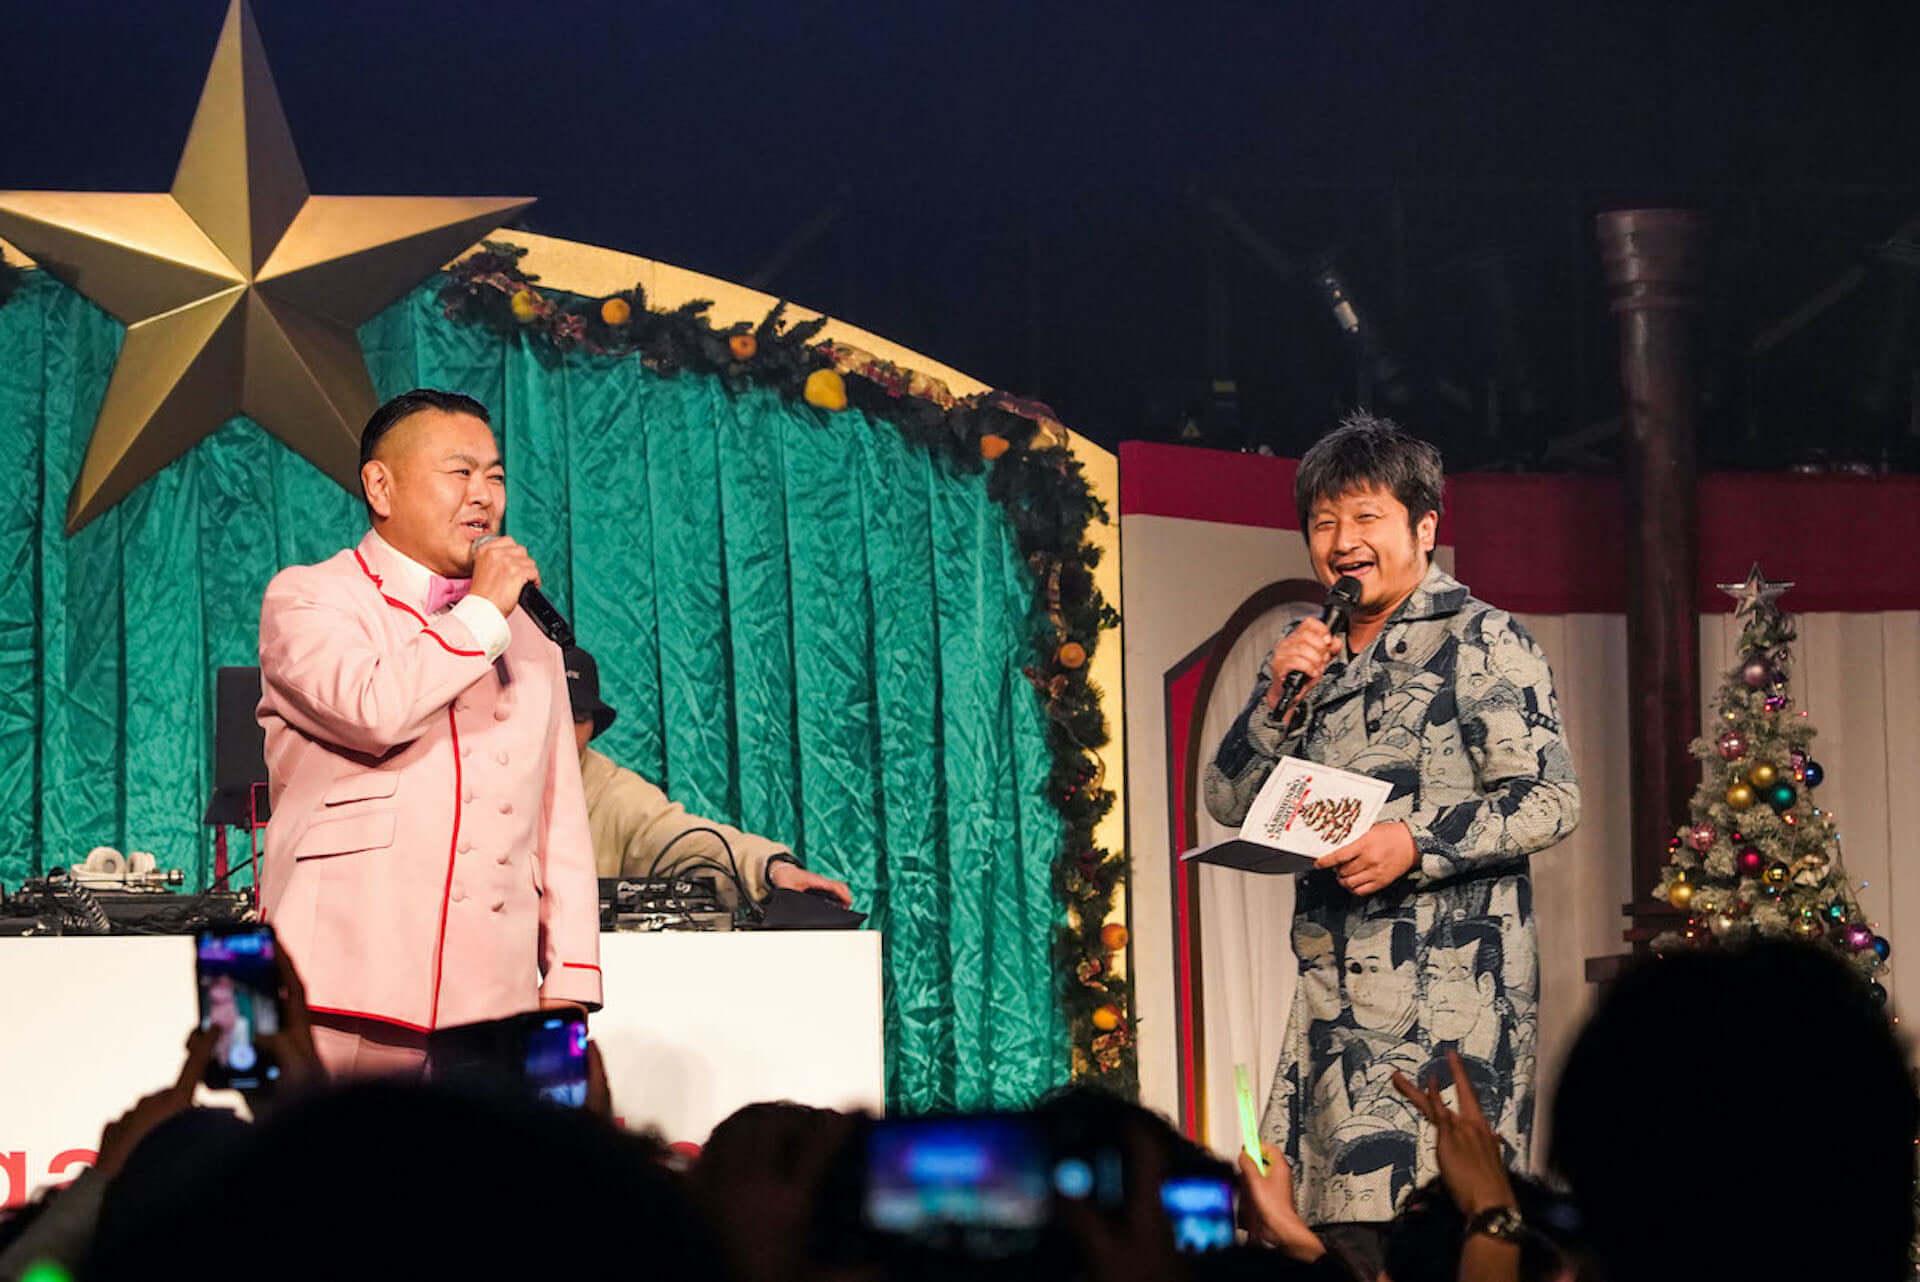 3,000人が出会う一夜!りんごちゃん、t-Ace等々出演のsagami original presents<SABISHINBO NIGHT 2019>25周年目のイベントレポート music191224_sabishinbo2019after_6-1920x1282